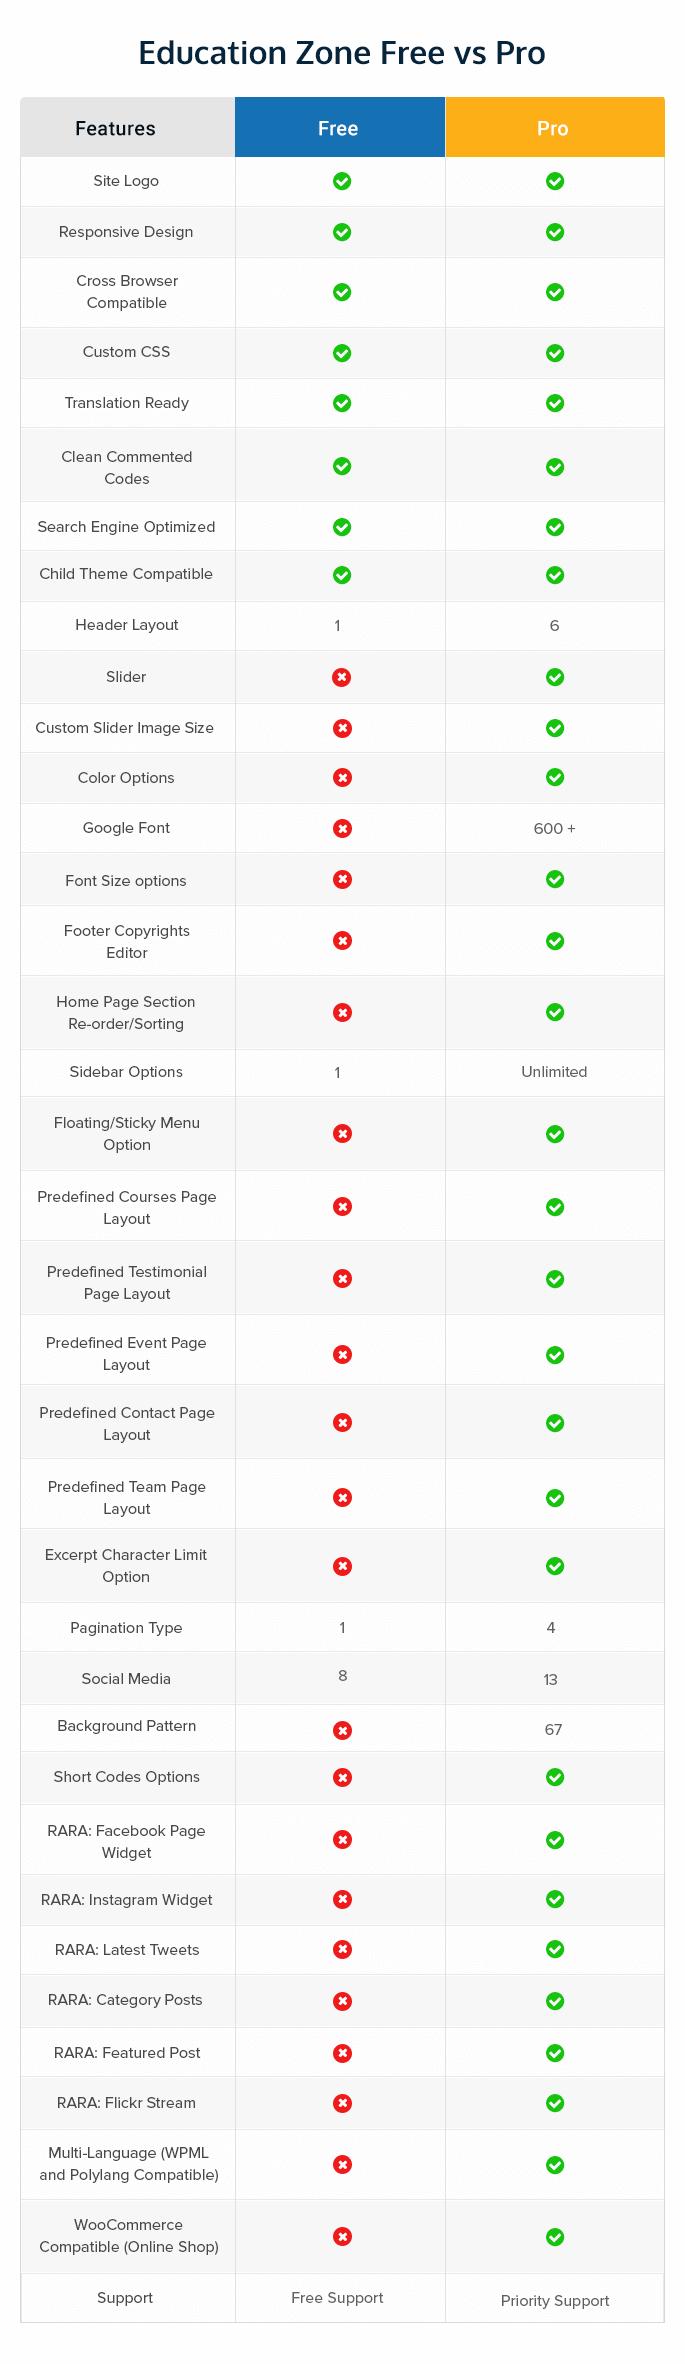 Education zone free vs pro comparison Table